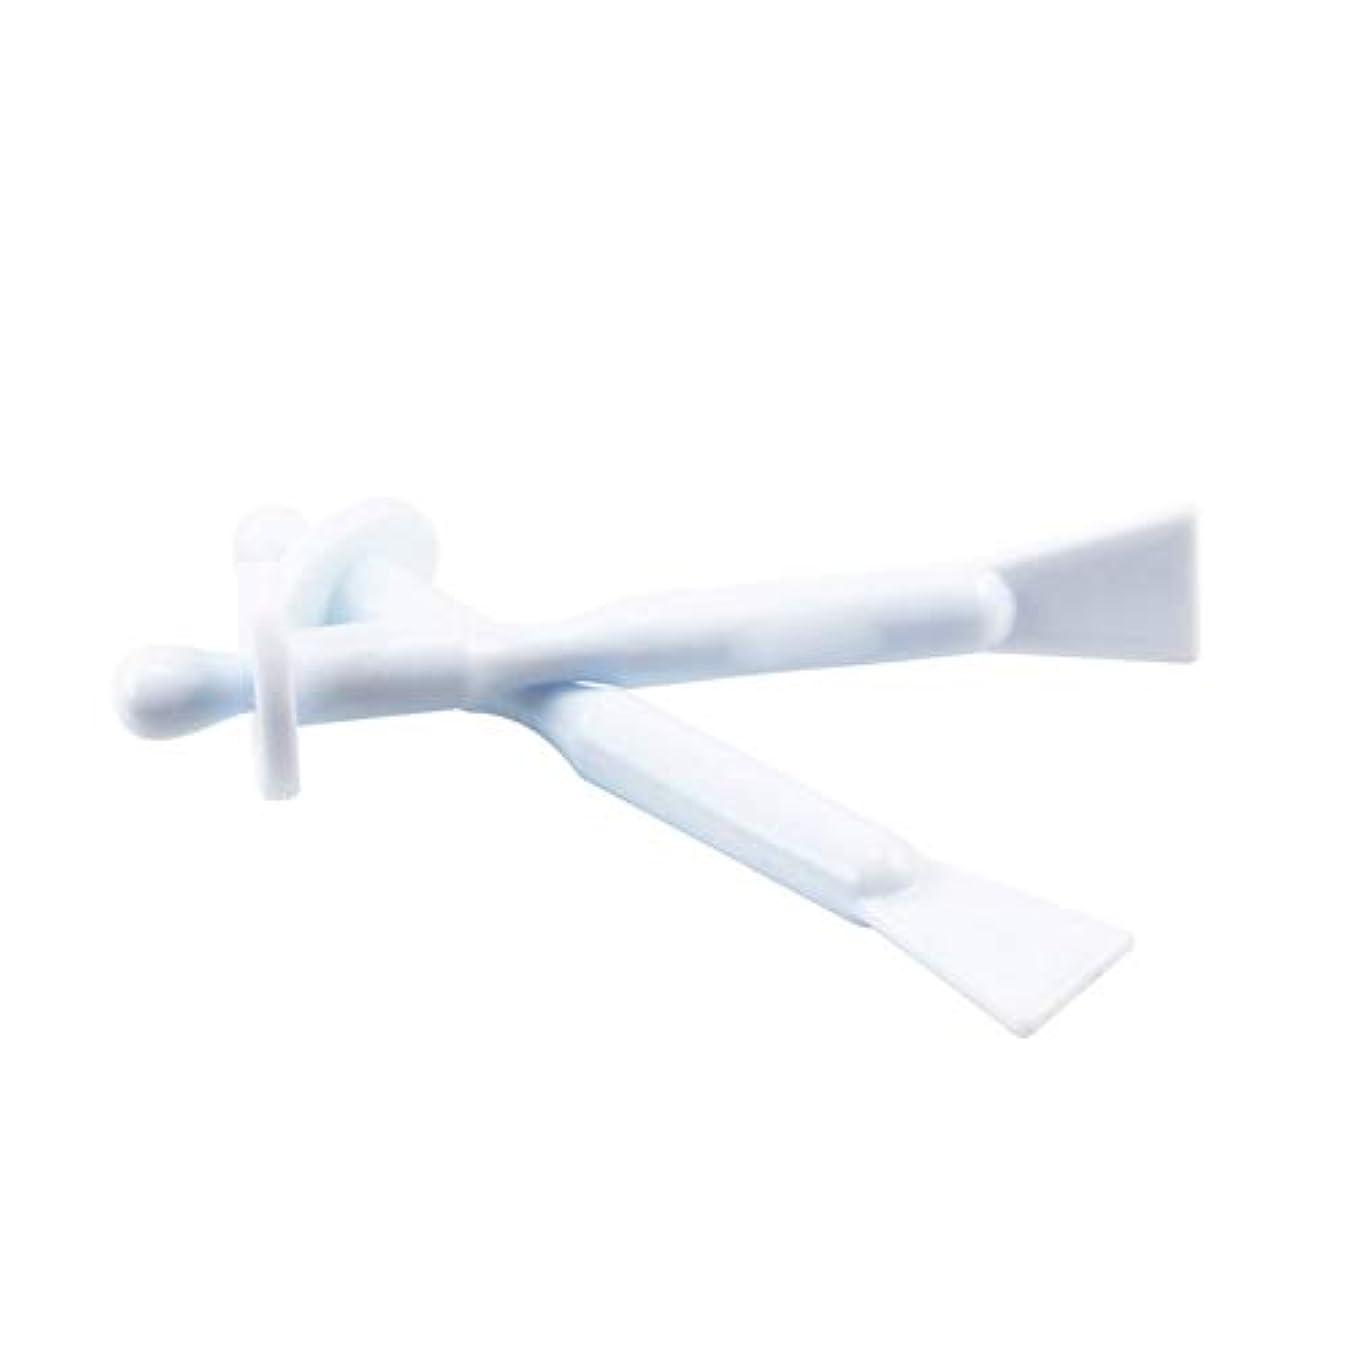 マーキング体系的に山積みの鼻ワックススティック2in1の除去ワックスツールノーズ部4の清掃へらポータブルバー鼻鼻孔耳の毛をワックスアプリケータースティック